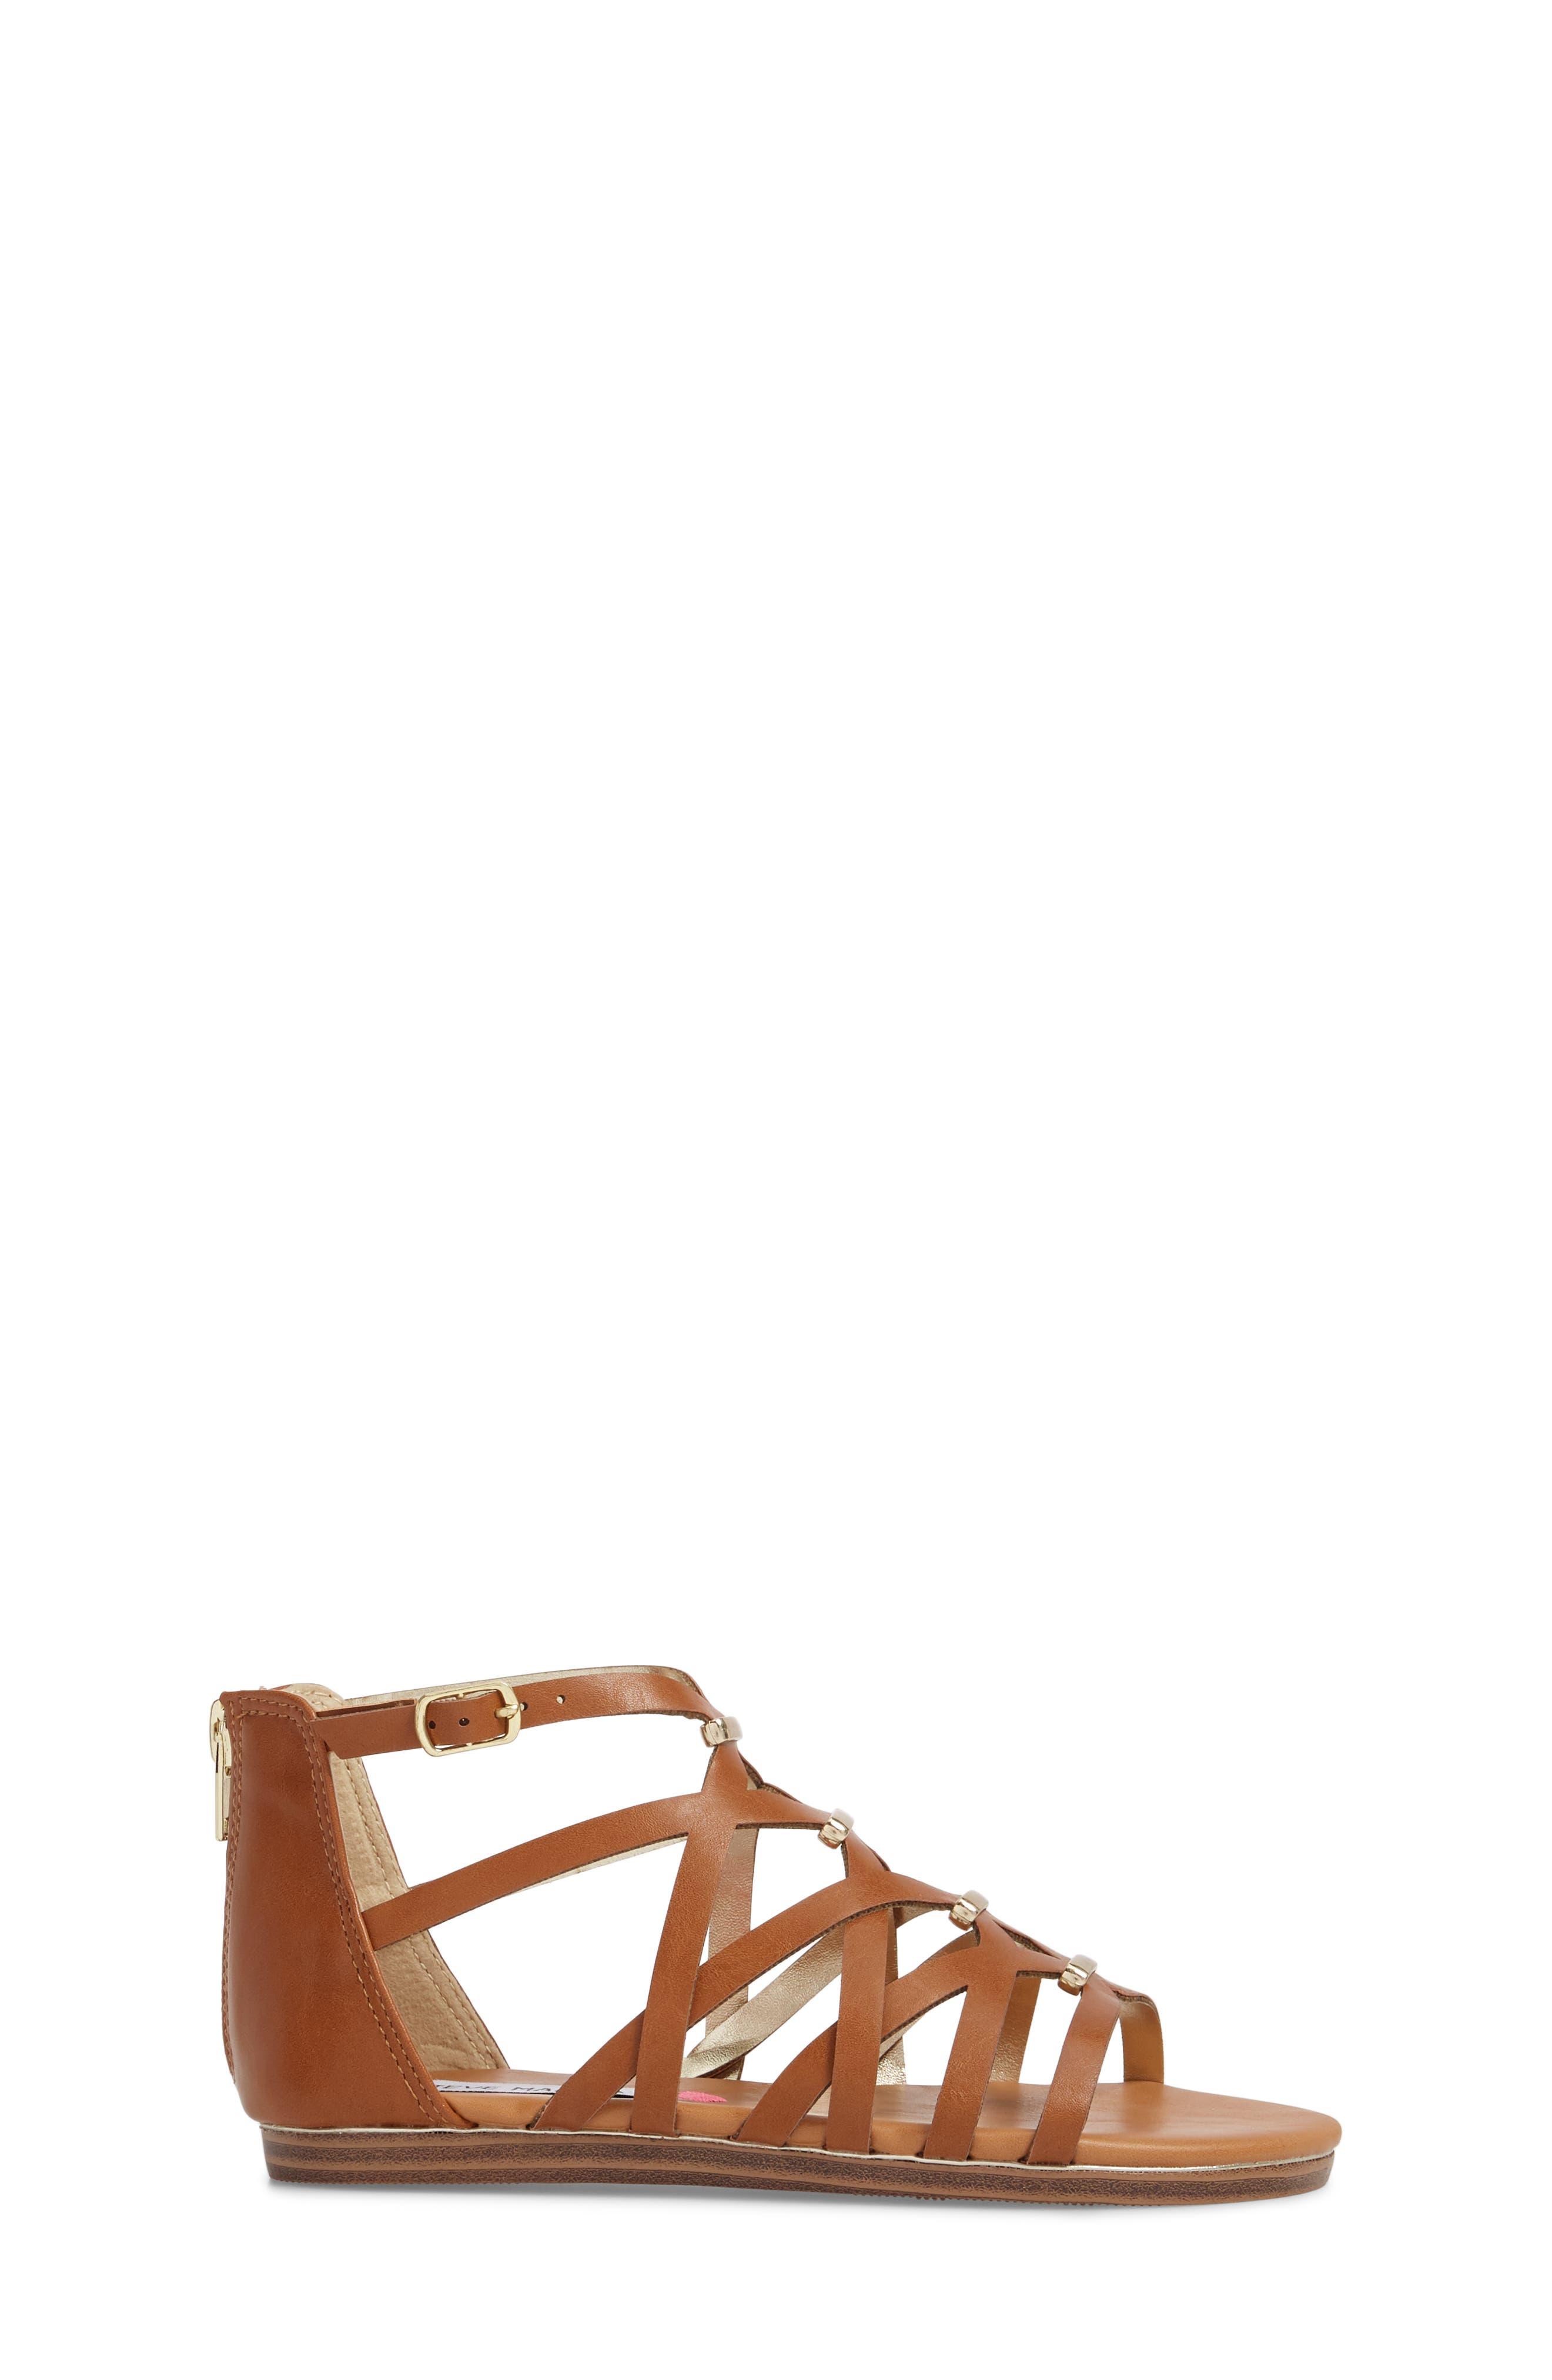 JCOMET Gladiator Sandal,                             Alternate thumbnail 3, color,